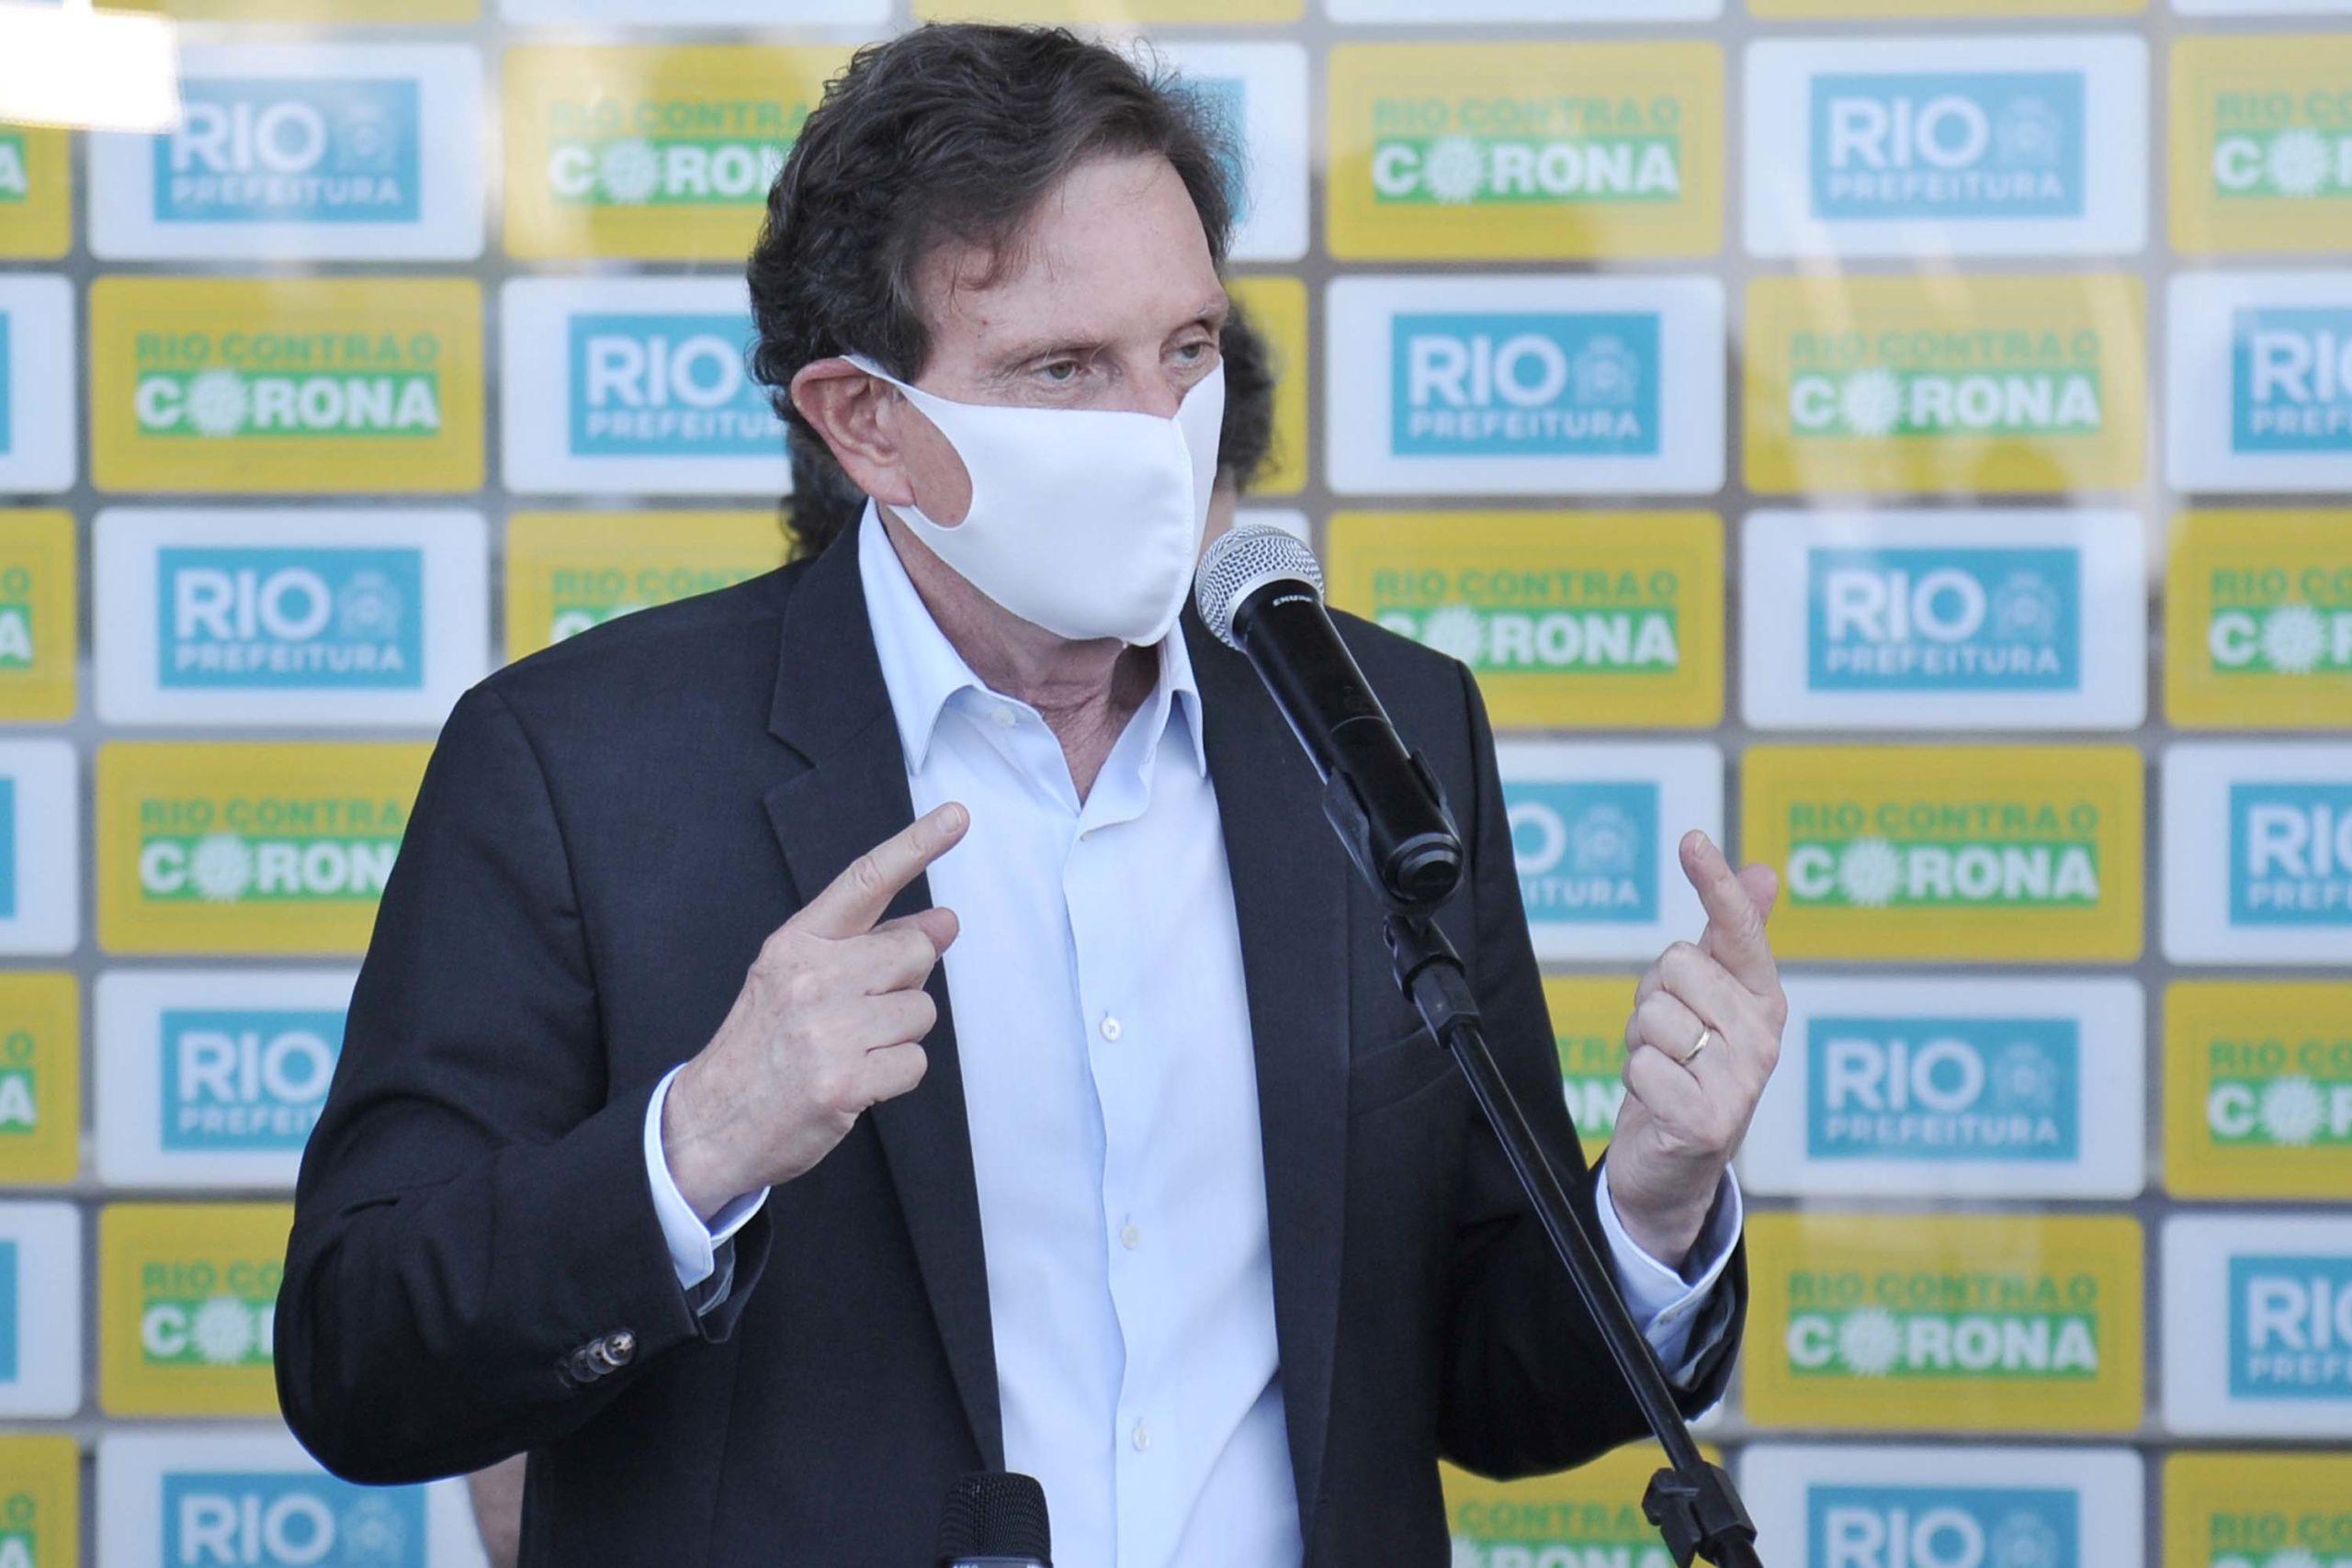 Marcelo Crivella anuncia reabertura gradativa a partir de hoje (02); veja o que será permitido